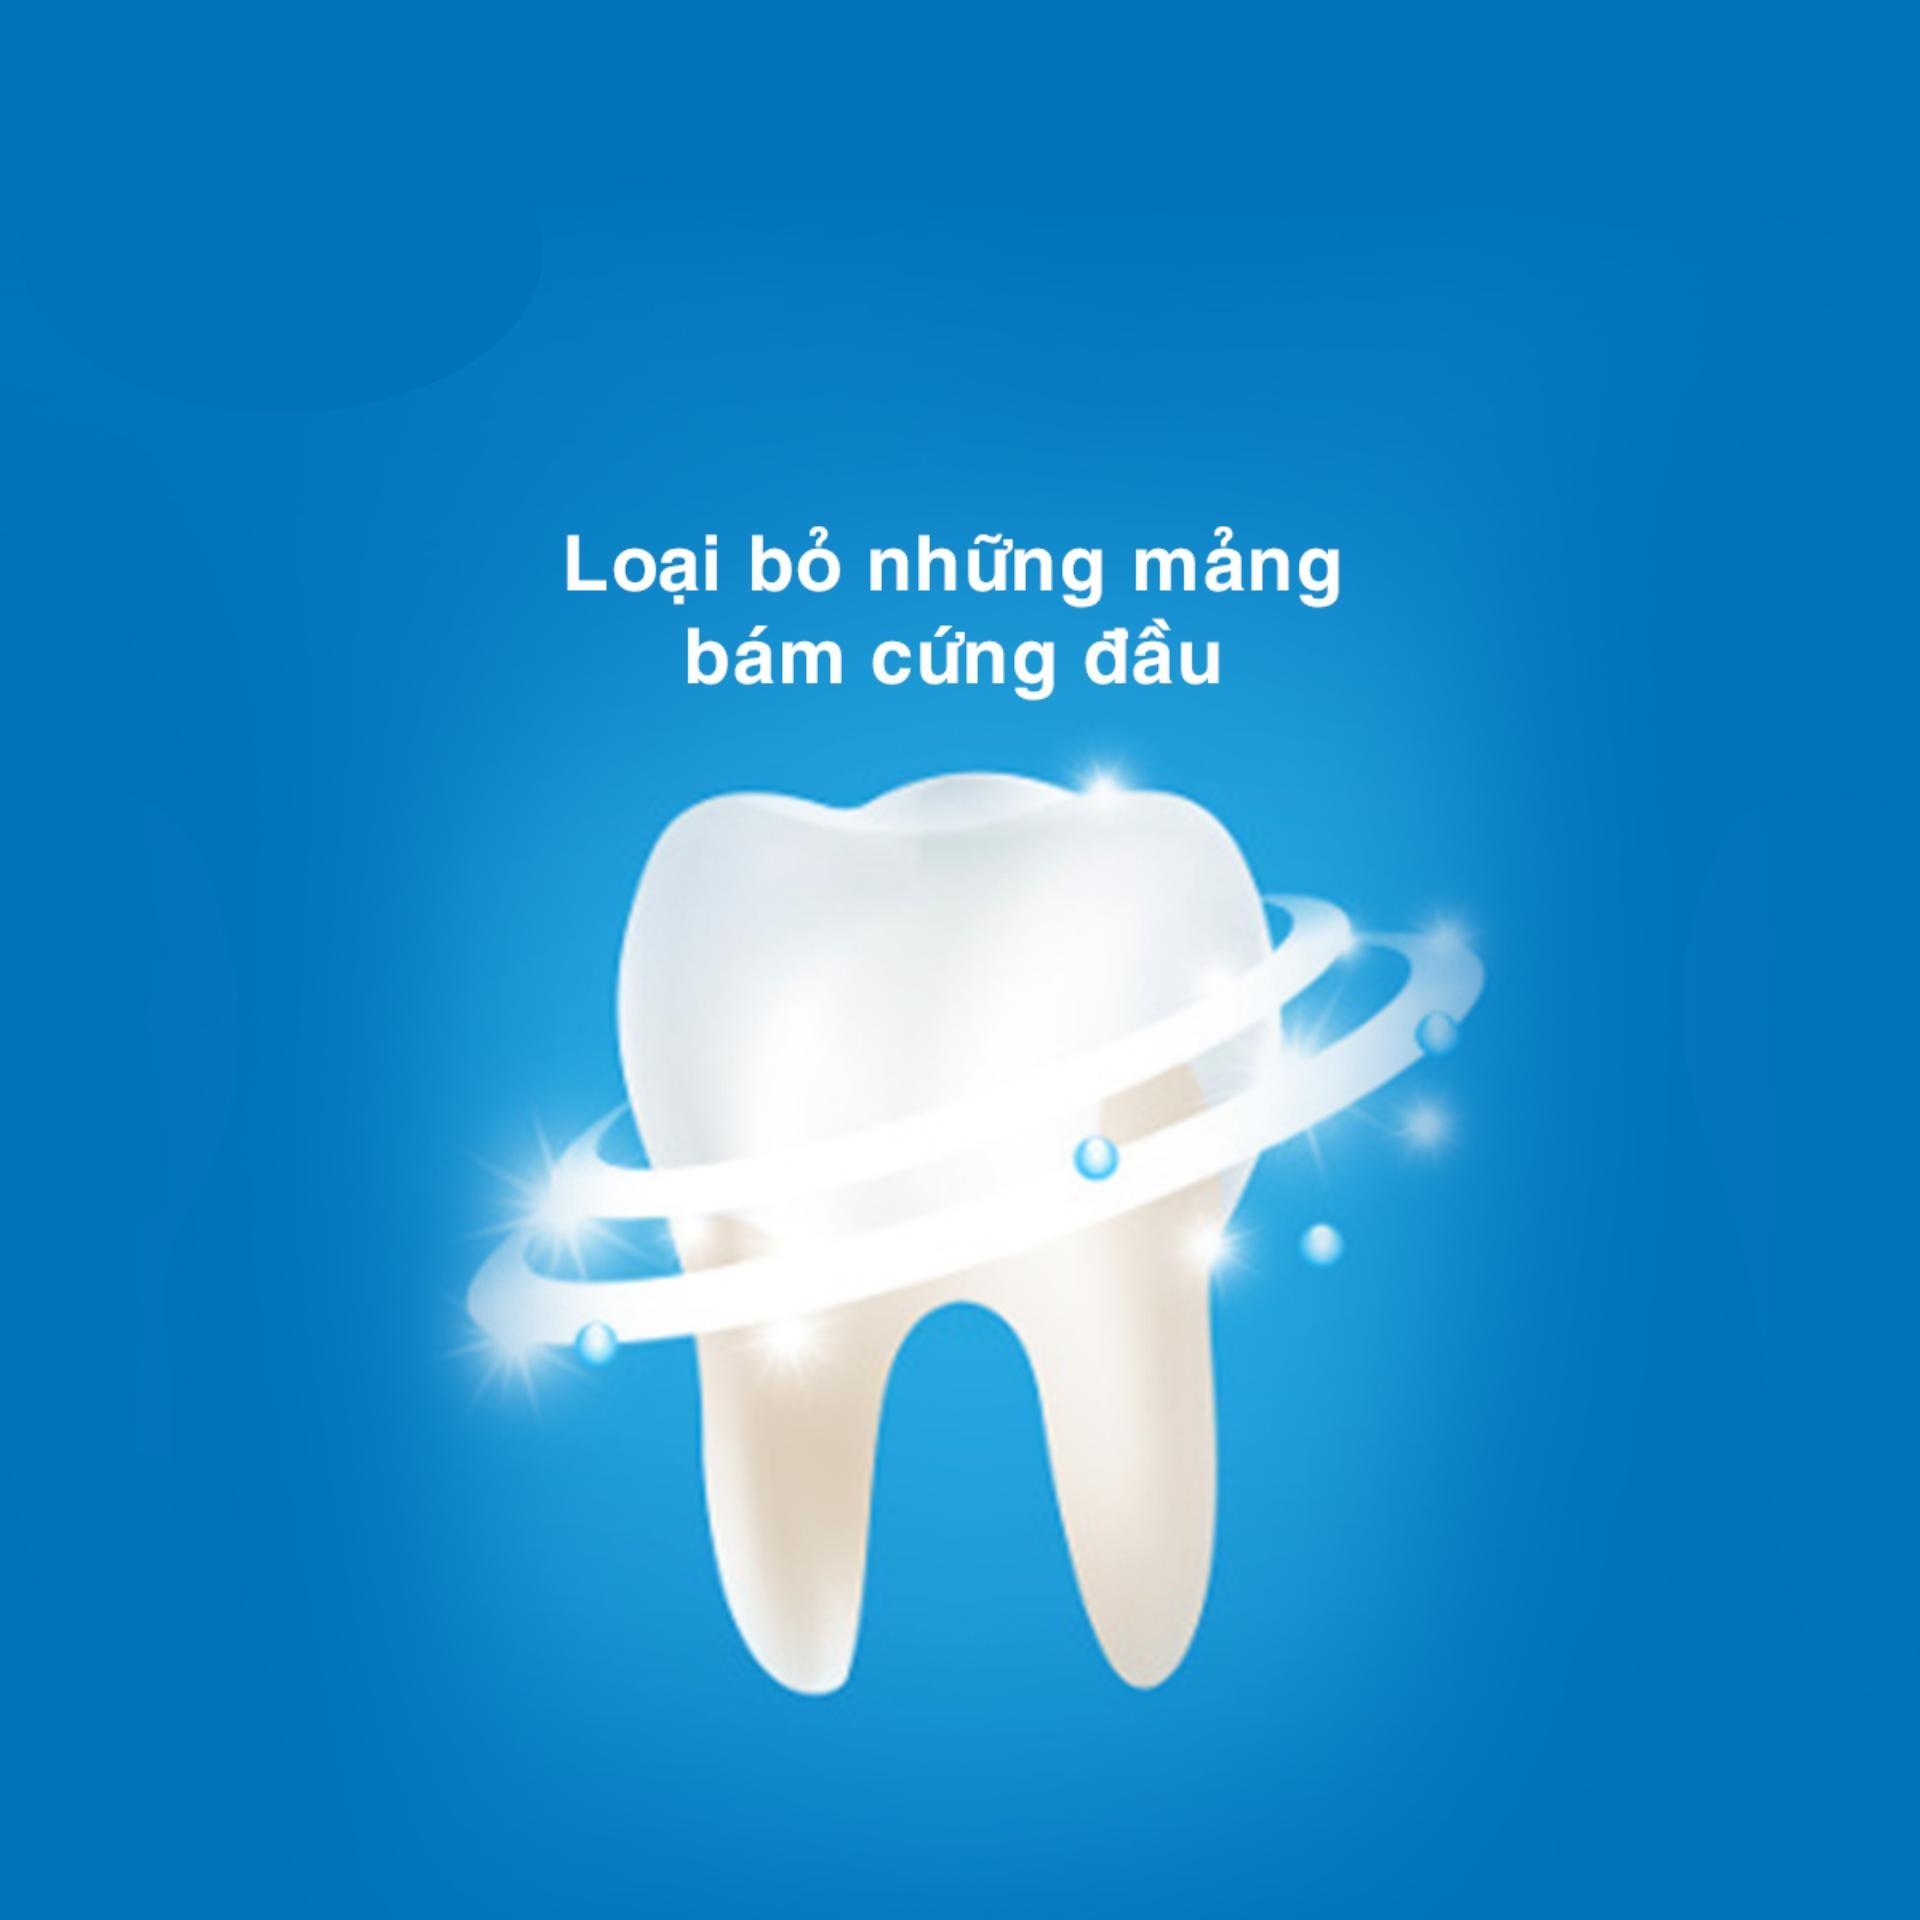 Combo Chăm Sóc Răng Miệng Toàn Diện (Vỉ 3 Bàn Chải Đánh Răng Oral-B 3D White Trắng Sáng (Mua 2 Tặng 1) + Chỉ Nha Khoa Oral-B Essential Mint (Hộp 50m)